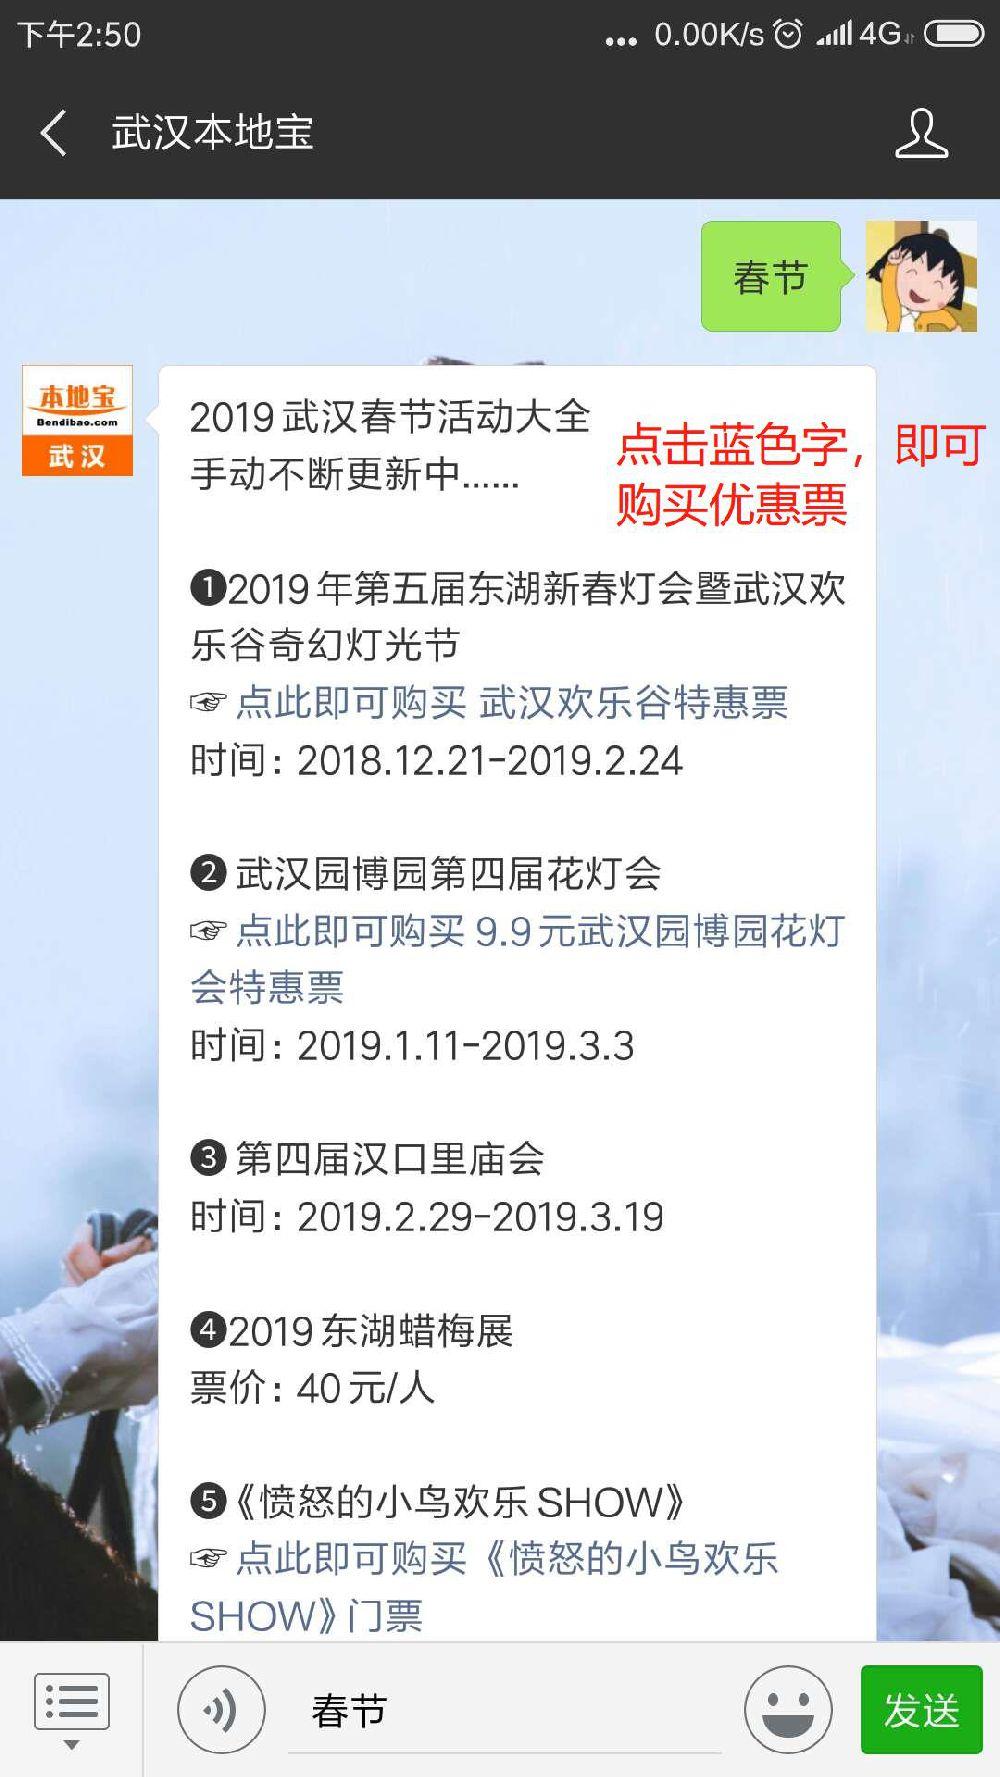 2019武汉春节活动 第四届武汉园博园花灯会